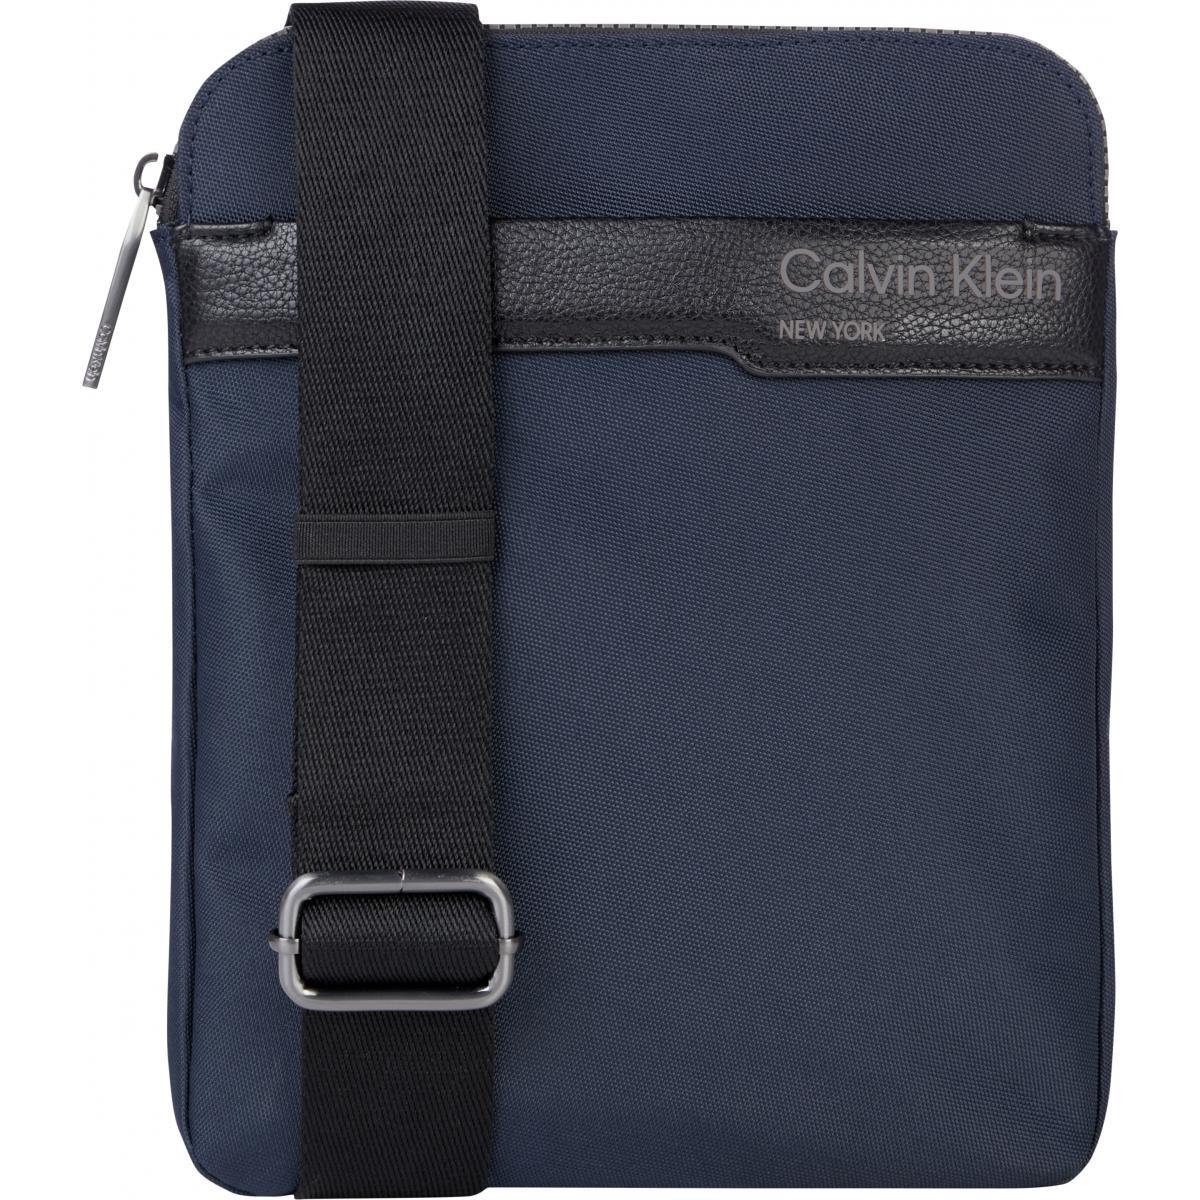 Sacoche bleu marine - Calvin Klein - Calvin Klein Jeans - Modalova